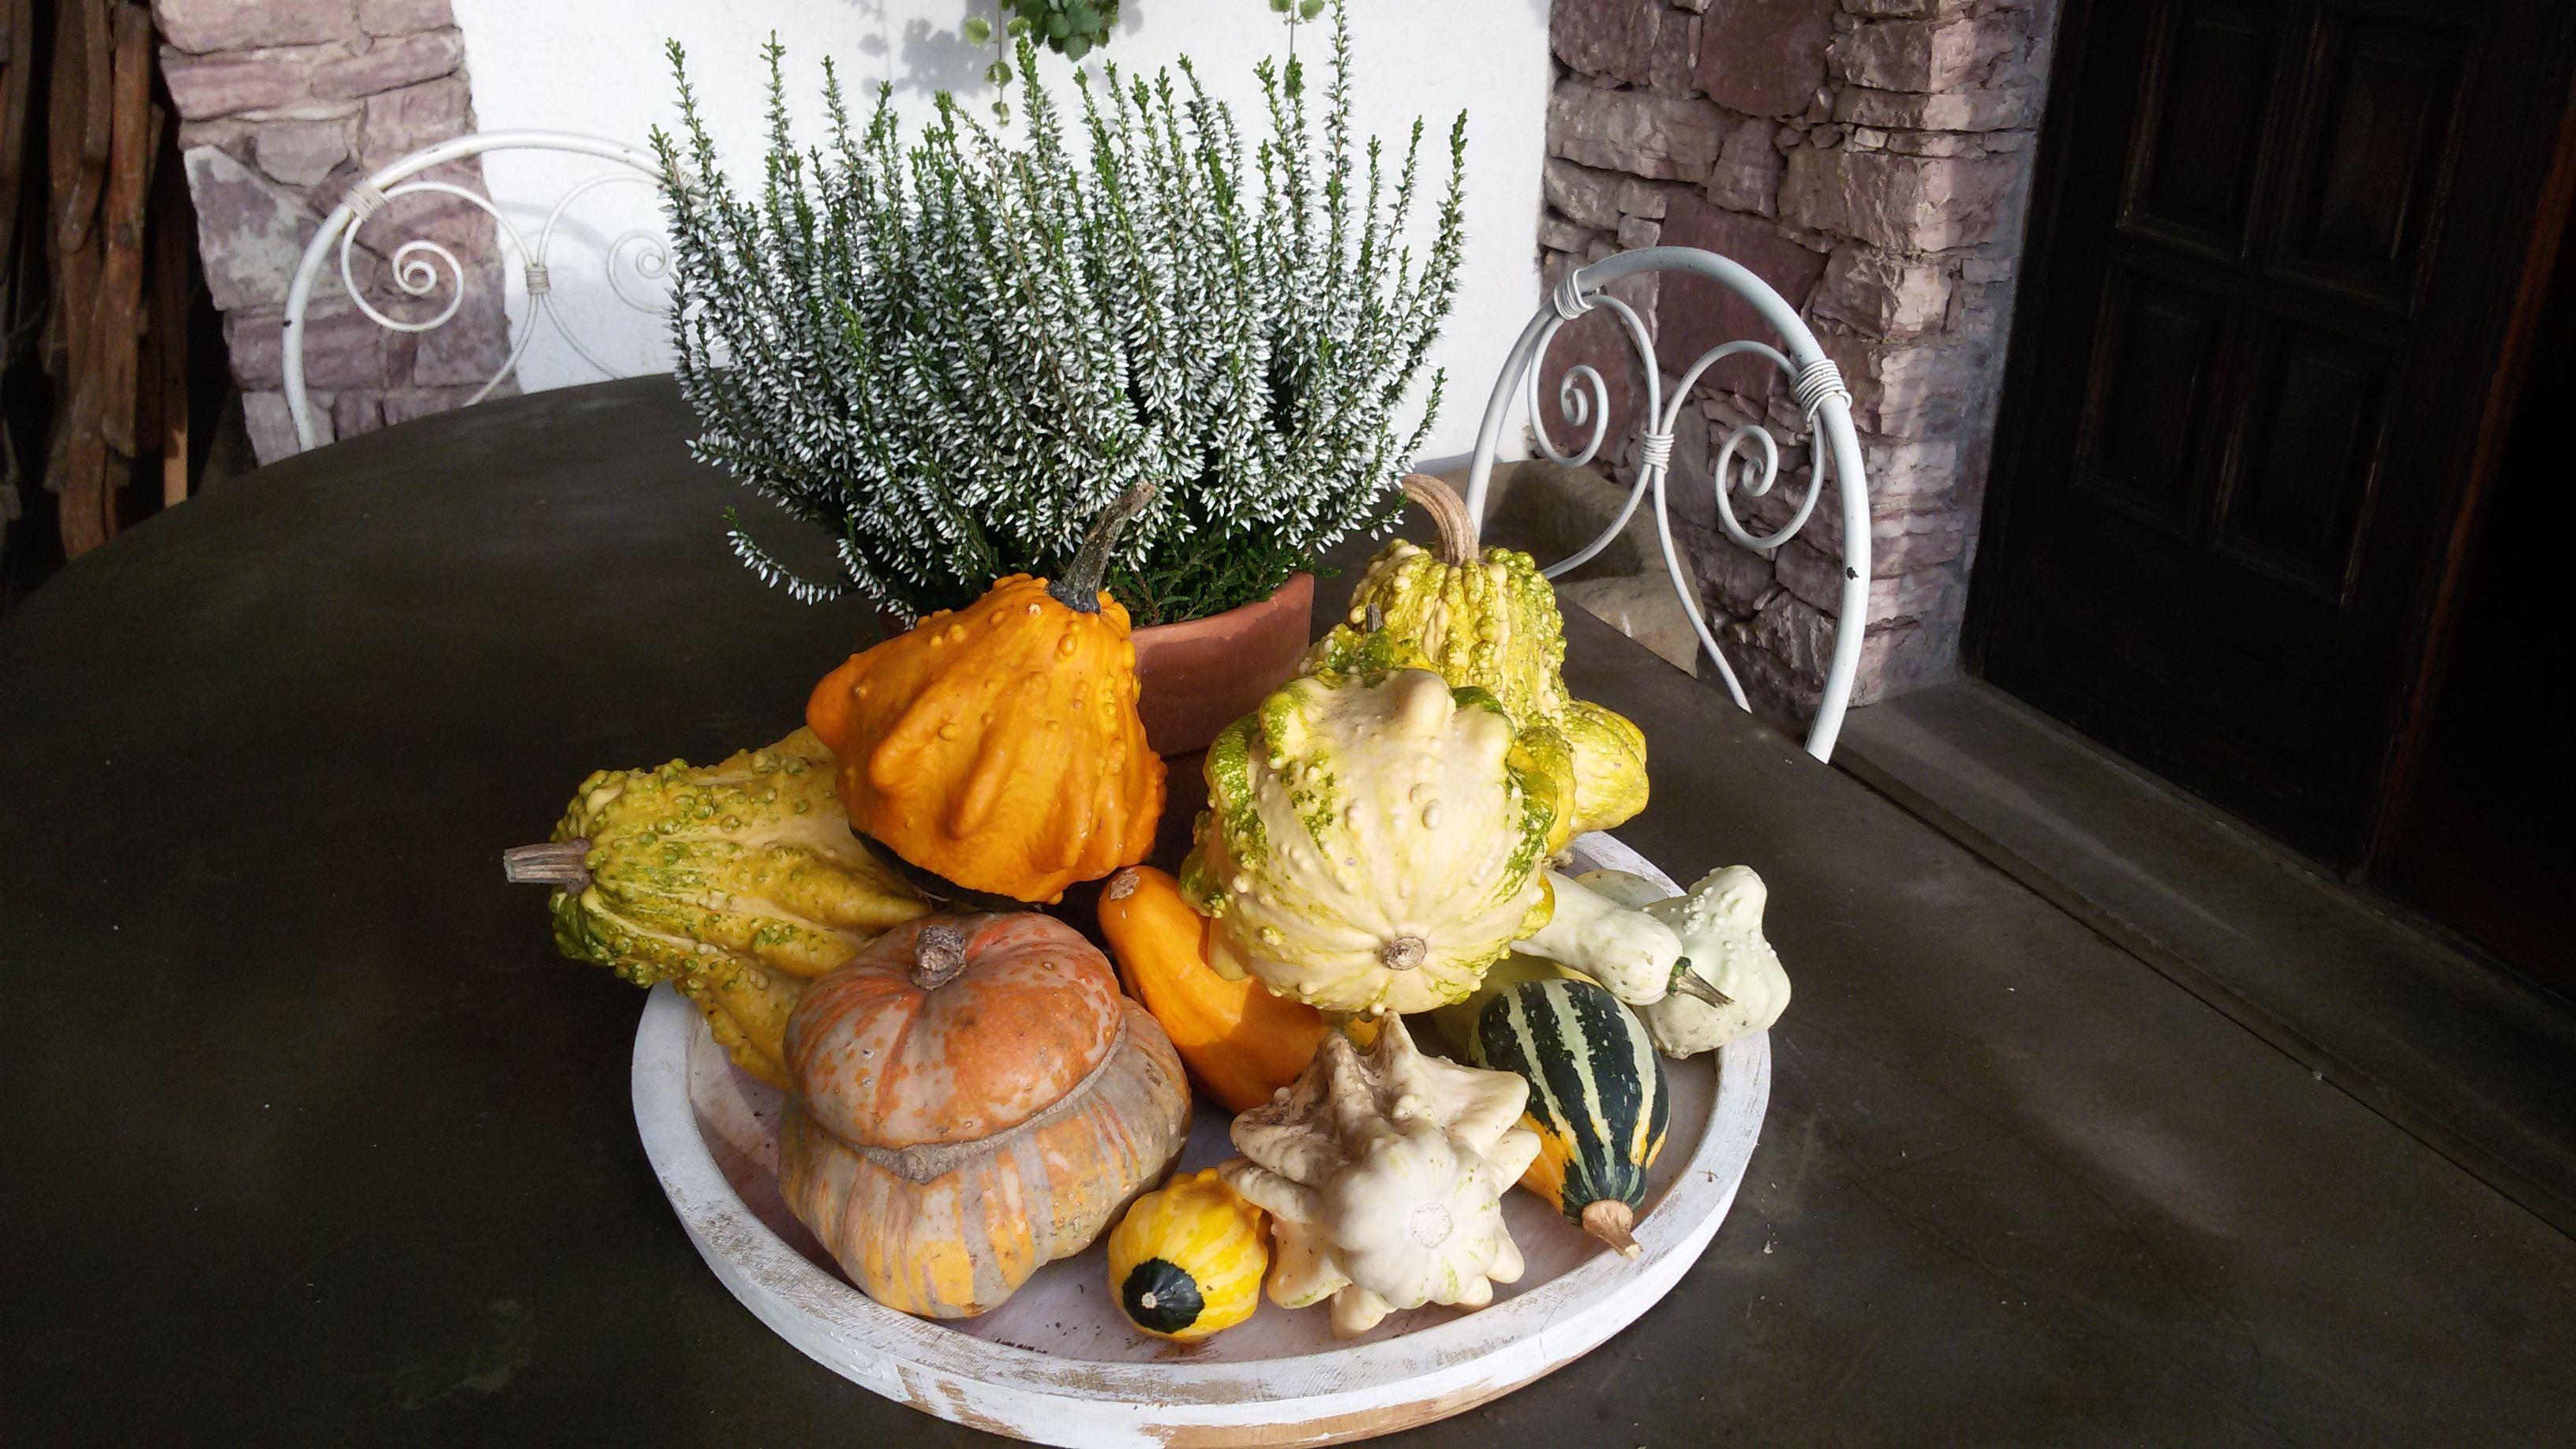 le zucche del mio orto (con immagini) Zucche, Orto, Autunno